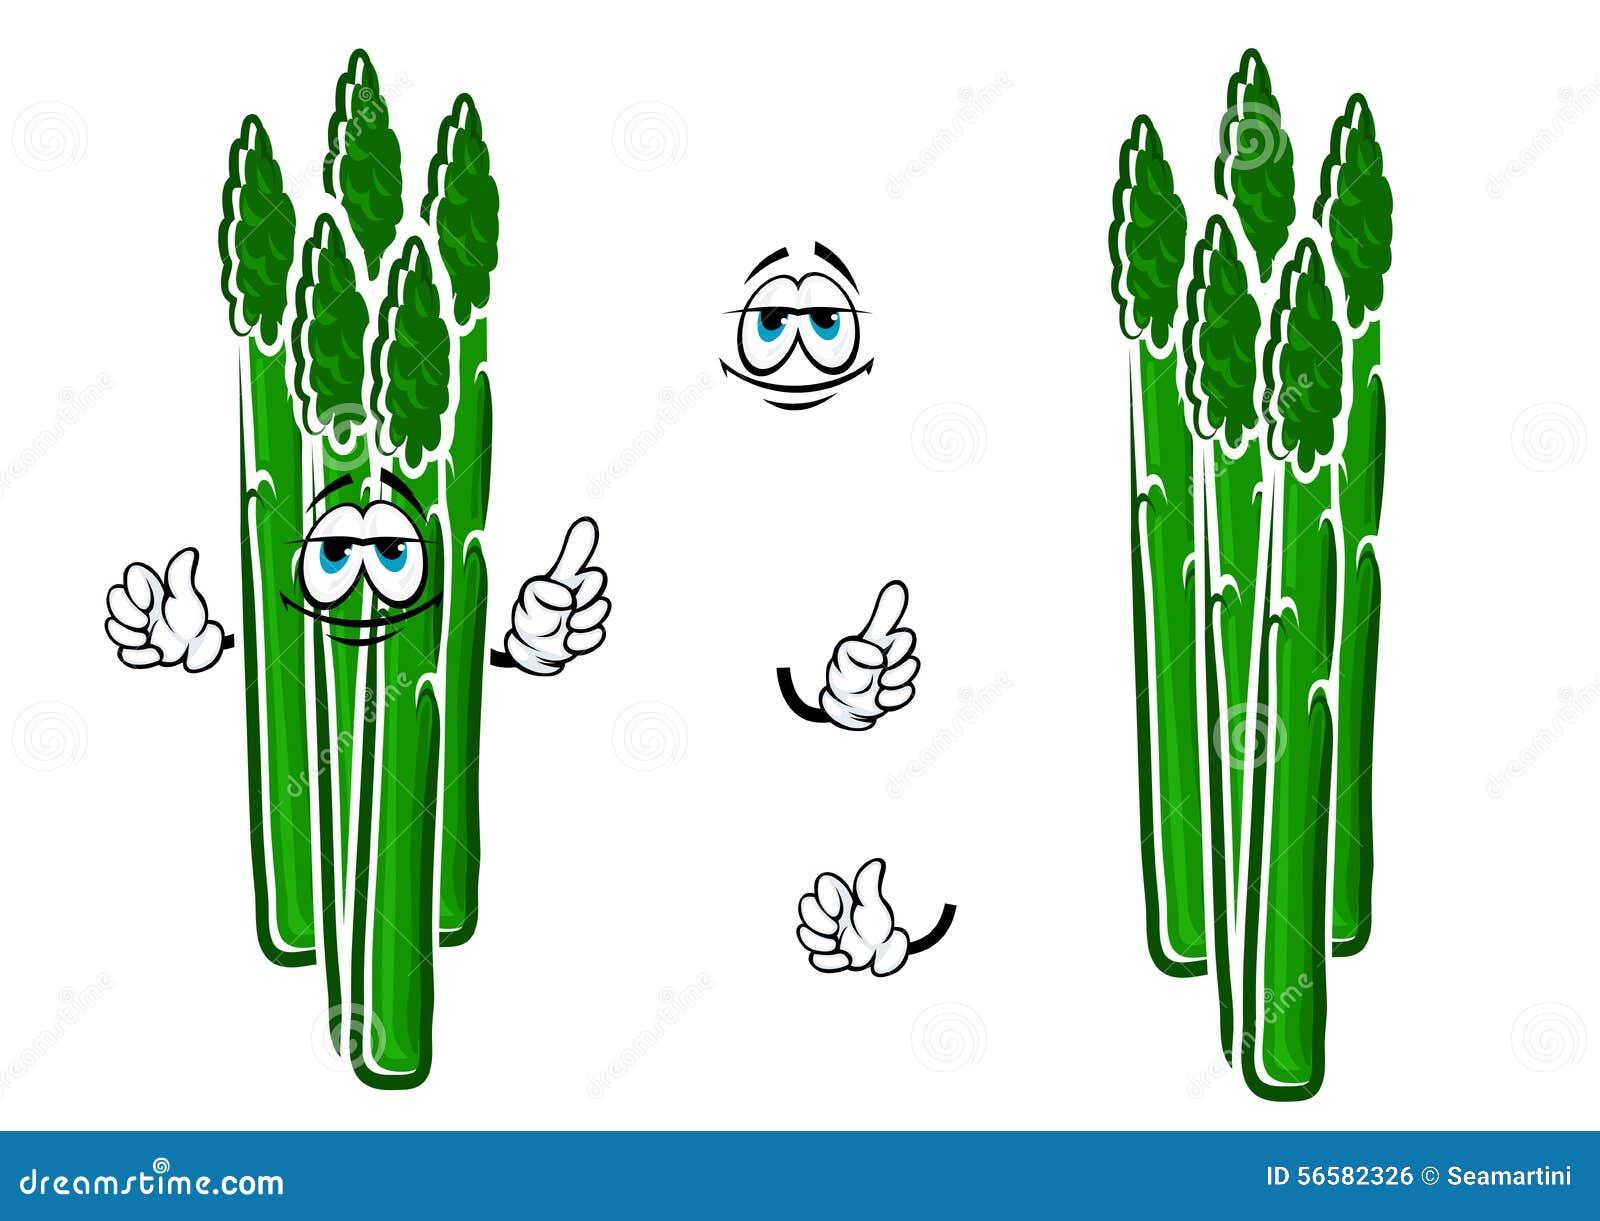 Asparagus Vegetable Spears Cartoon Character Stock Vector